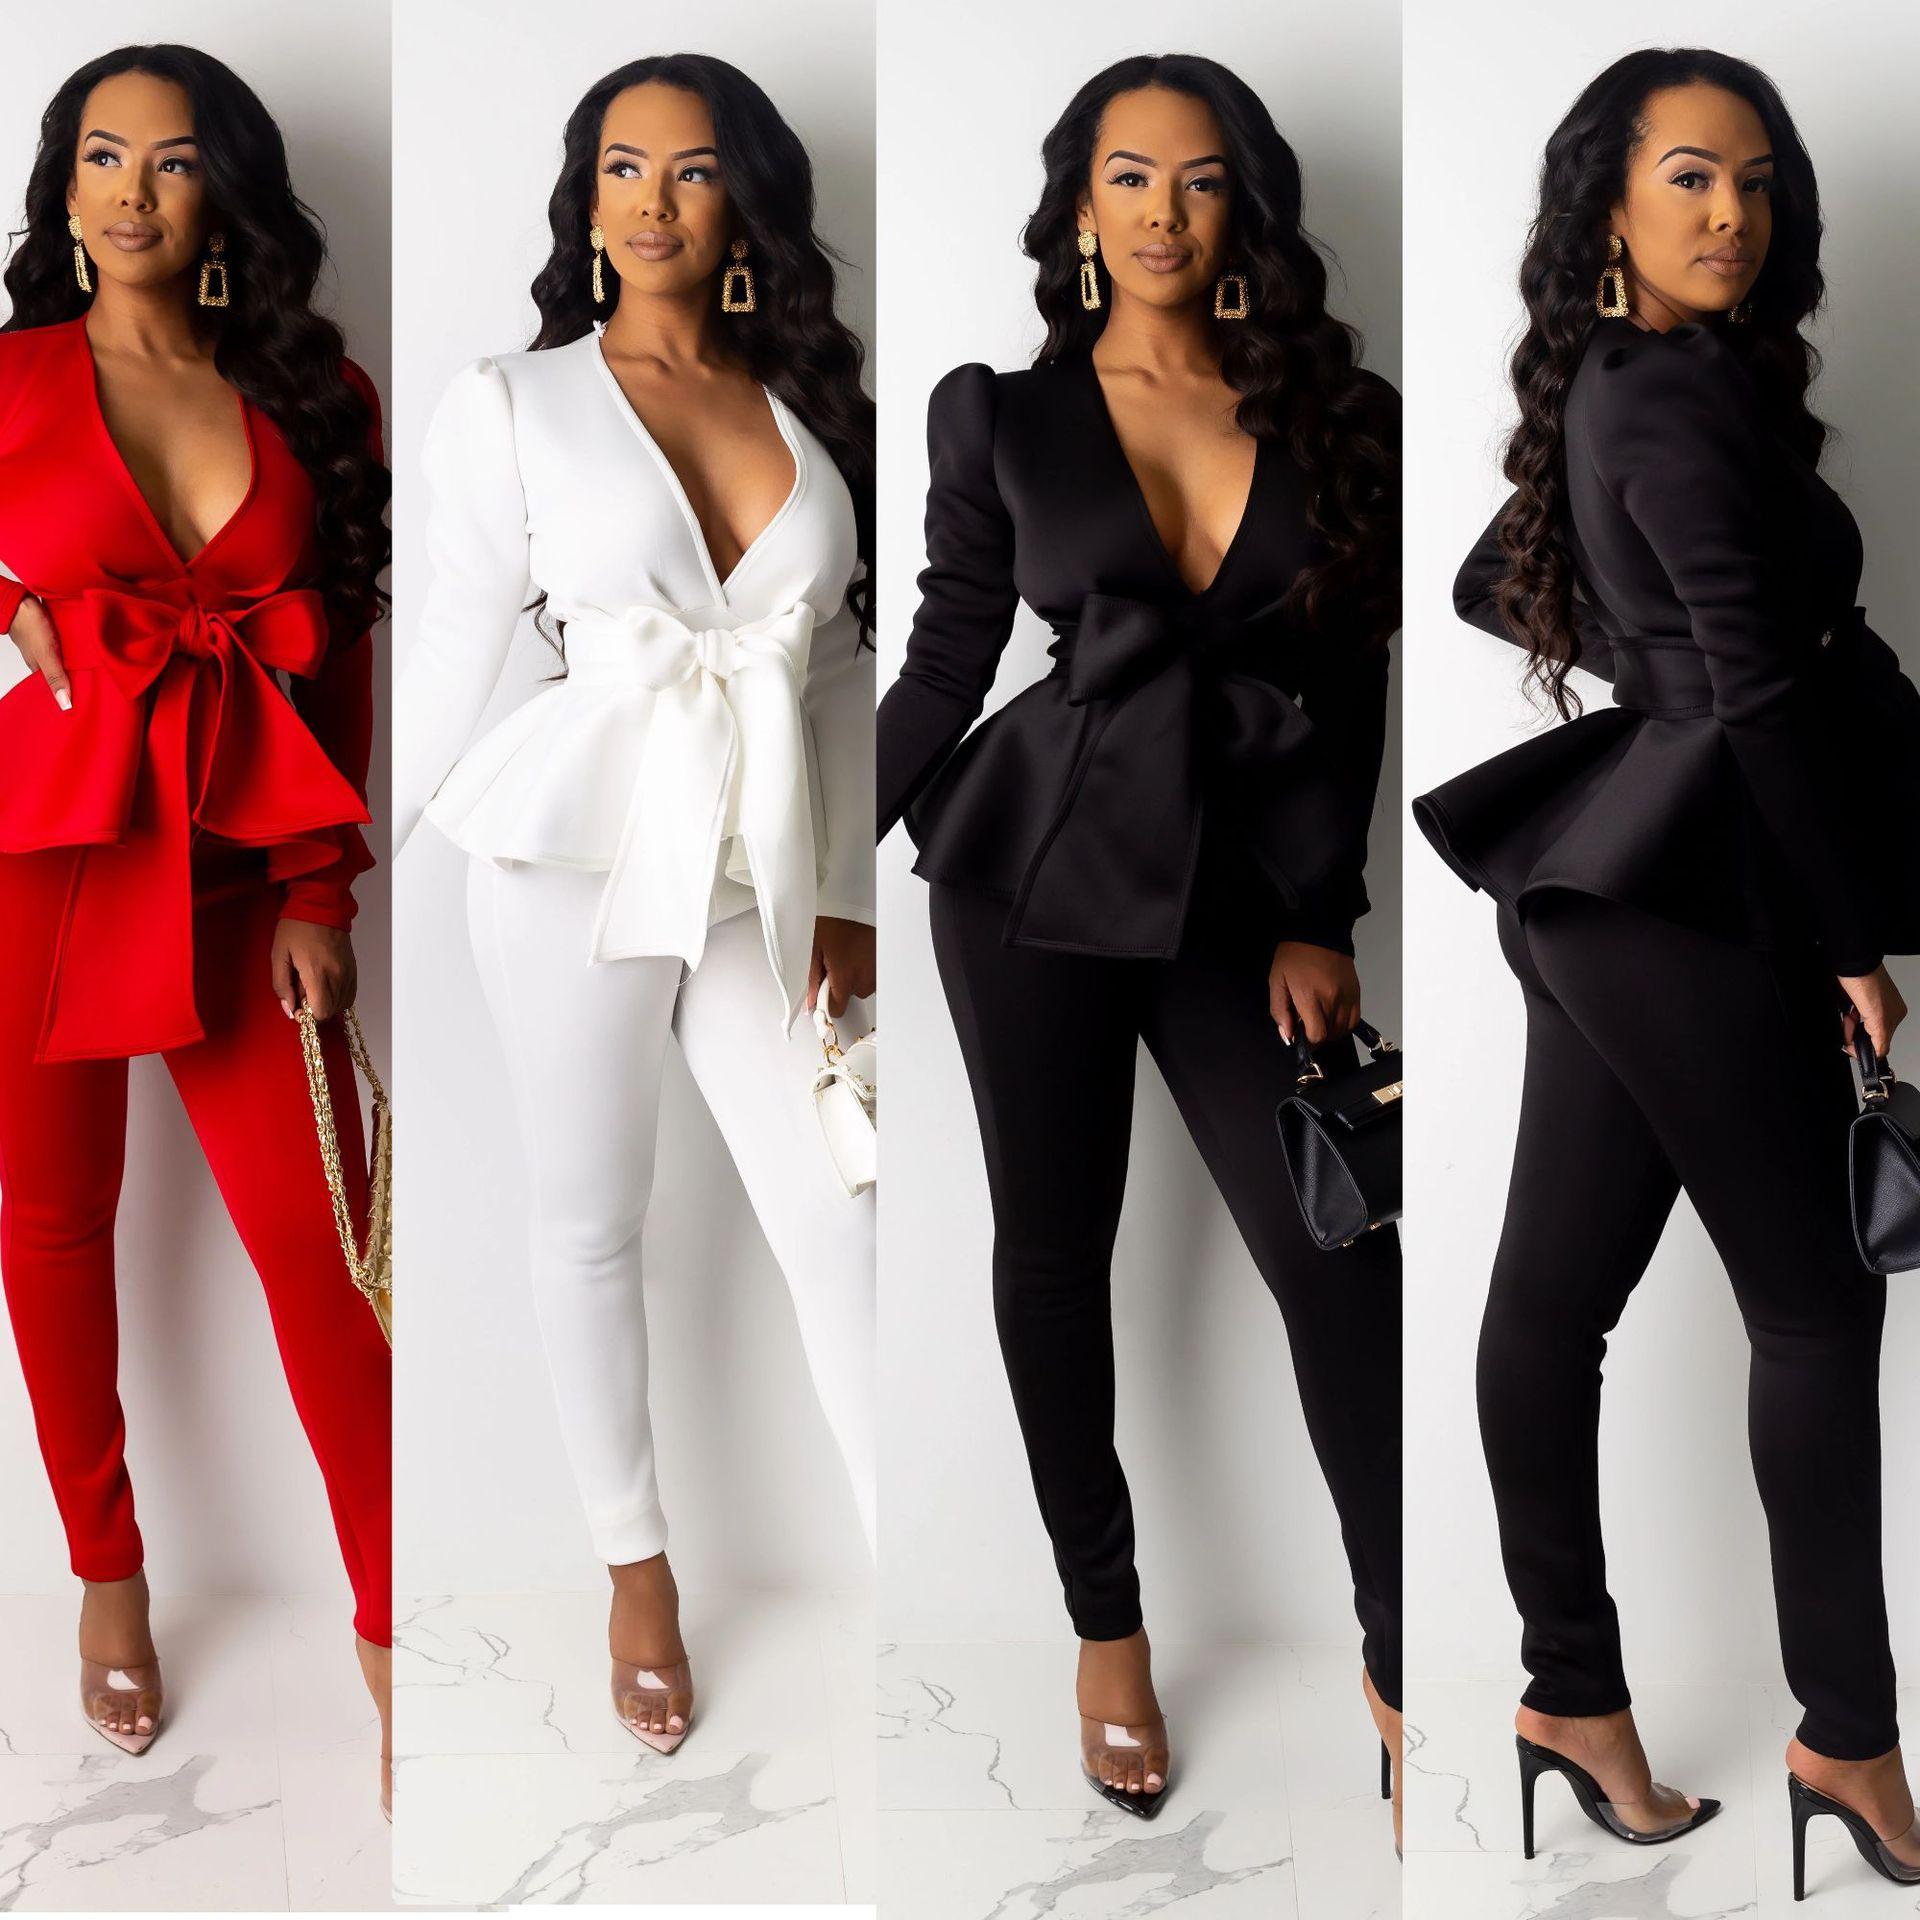 Women Winter Women's Set Tracksuit Plus Size Ruffles Bow Blazers Pants Suit 2 Two Piece Set Office Lady Business Uniform Outfits